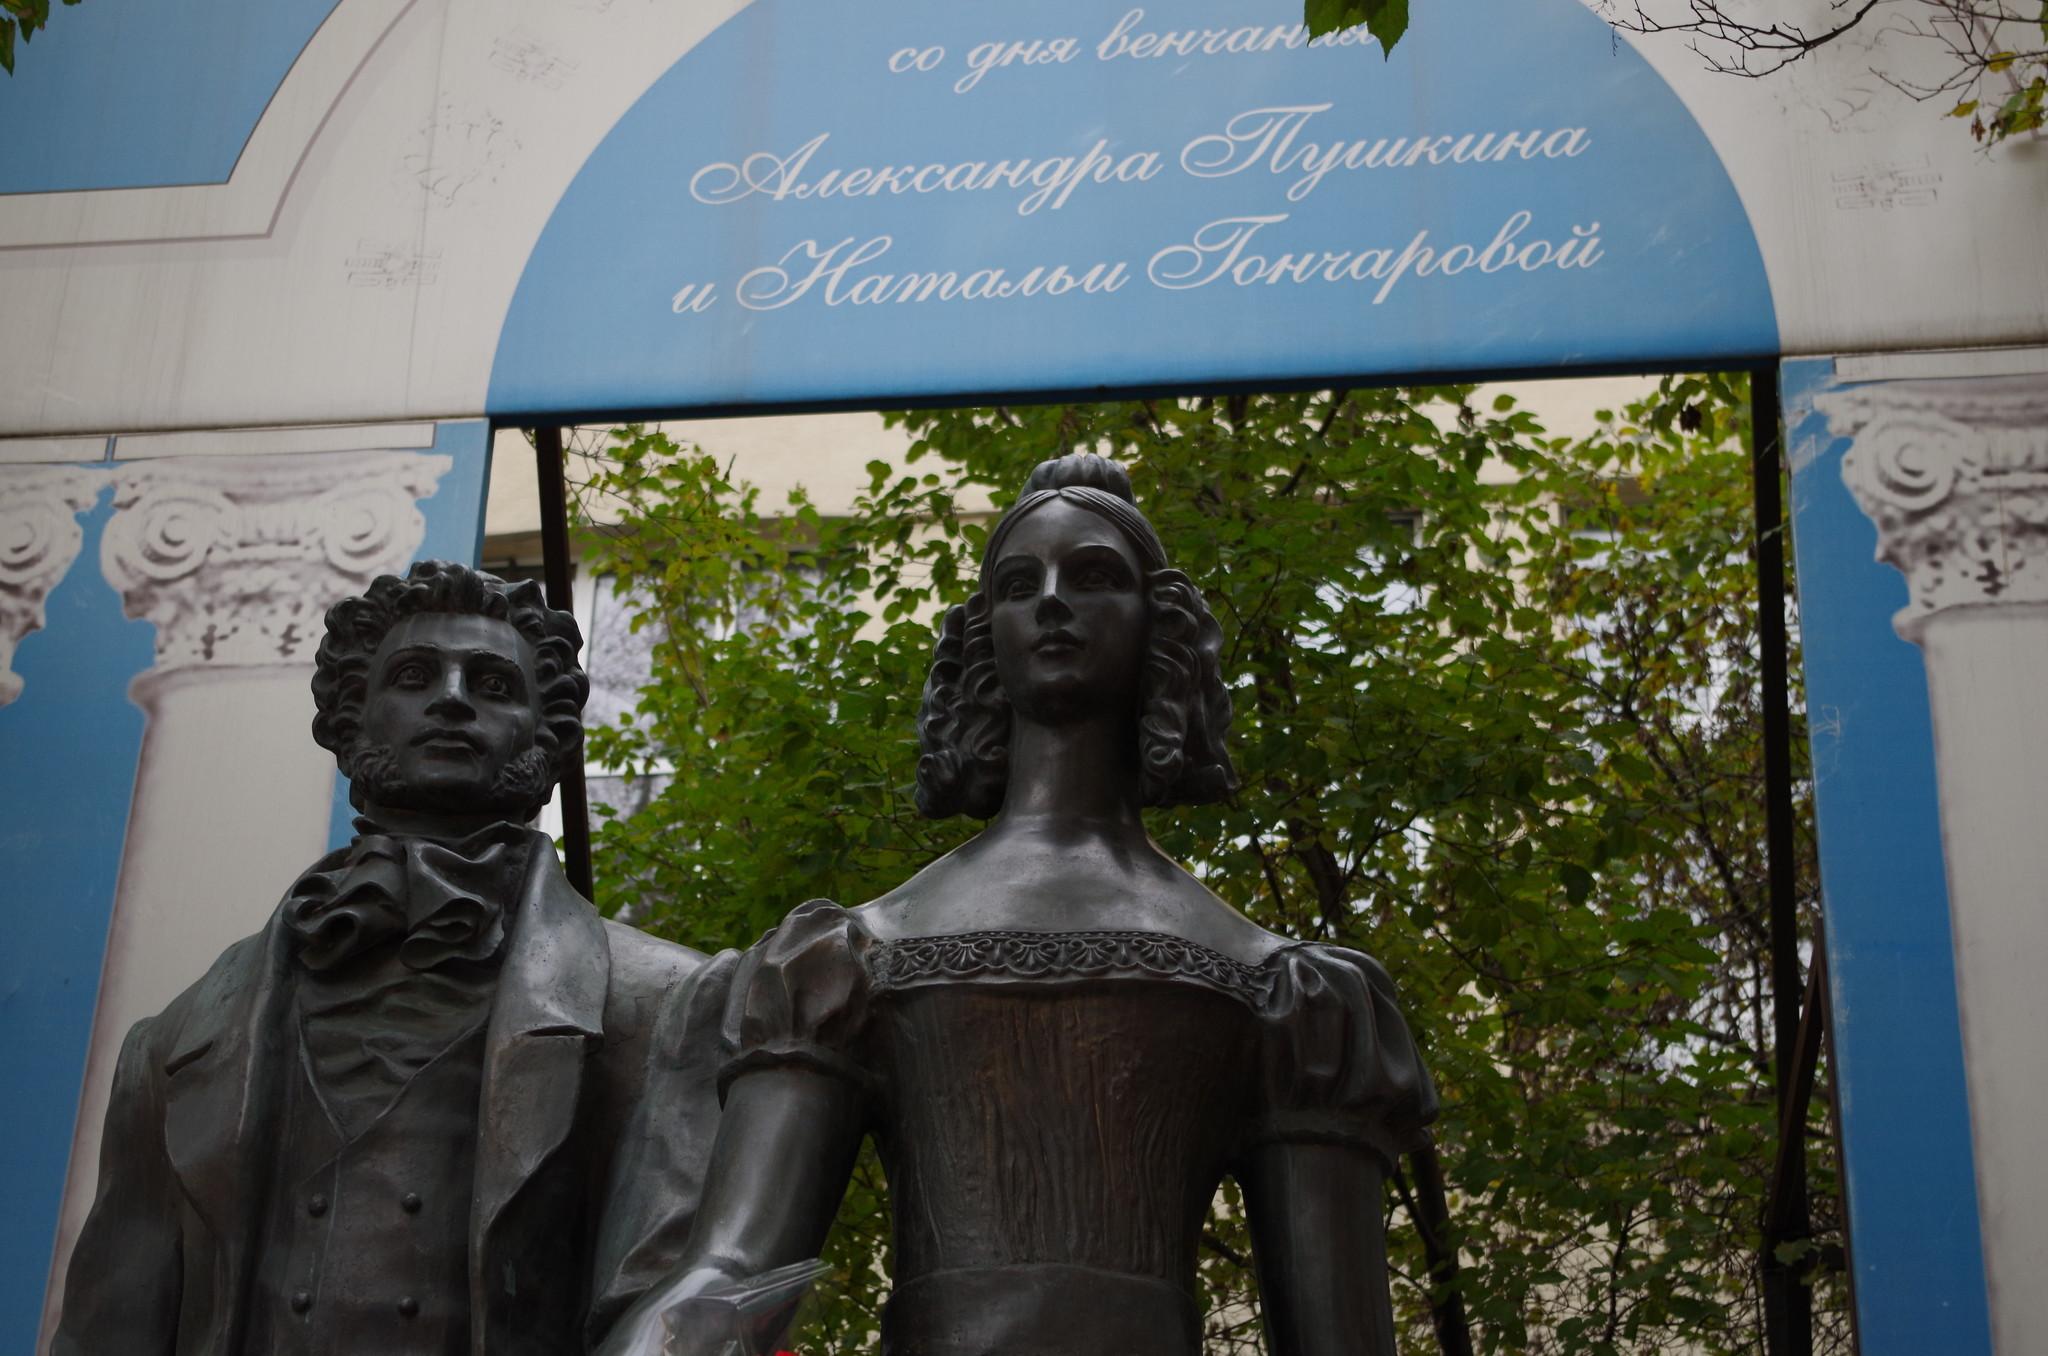 Памятник А.С. Пушкину и Н.Н. Гончаровой на Арбате. Скульпторы А.Н. Бурганов и И.А. Бурганов